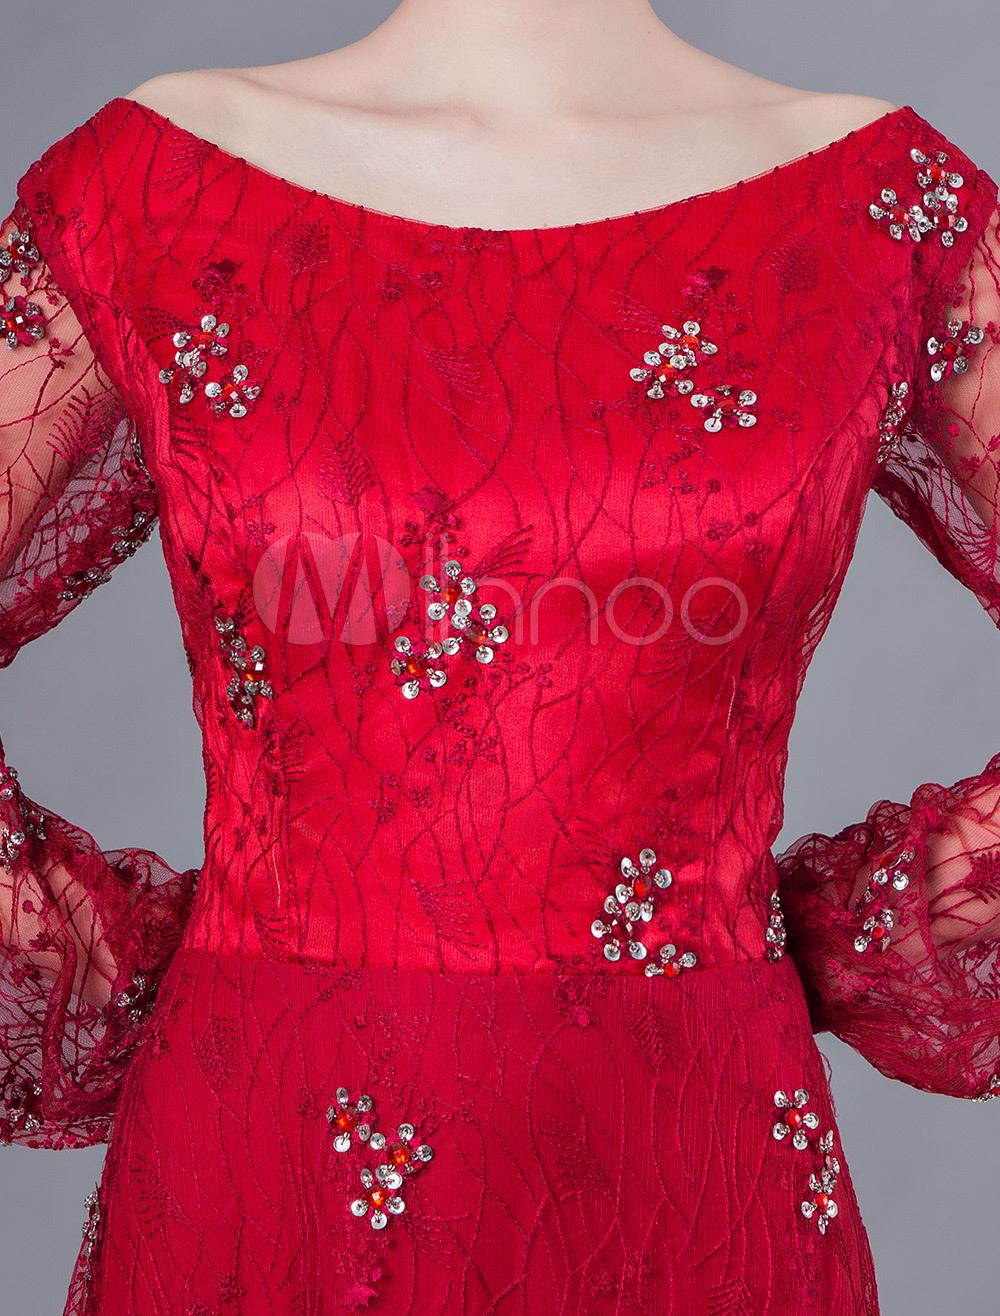 833999f20f91d ... ドレス長袖赤いレースのビーズの床の長さのフォーマルドレスの母 ...